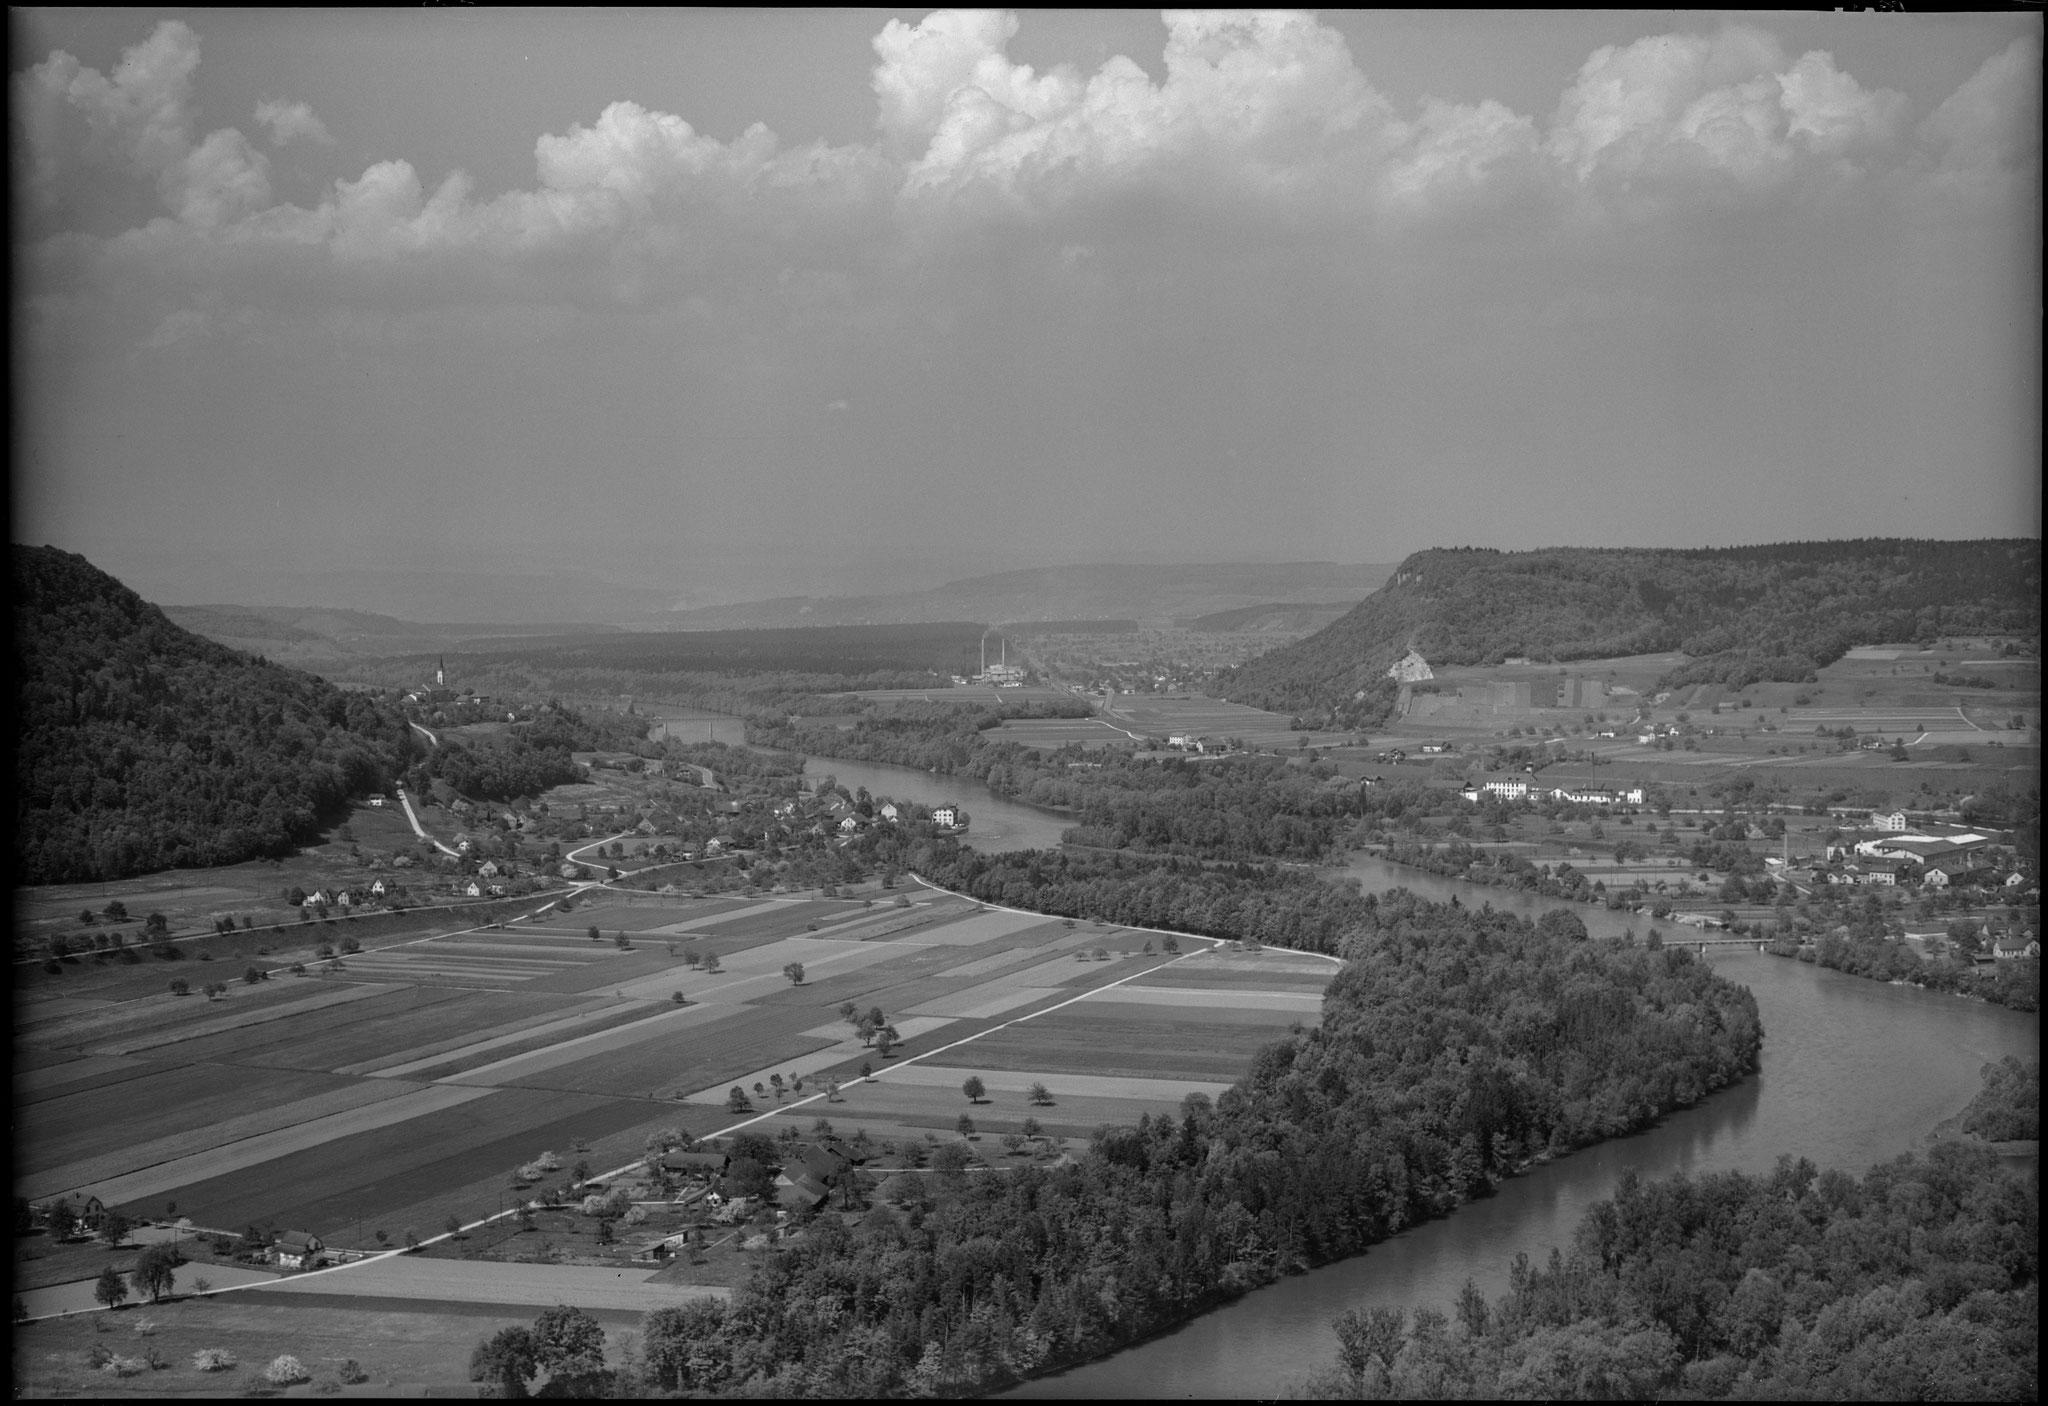 1950 - links Lauffohr, Rein, rechts Vogelsang (Quelle: luftbilder-der-schweiz.ch)